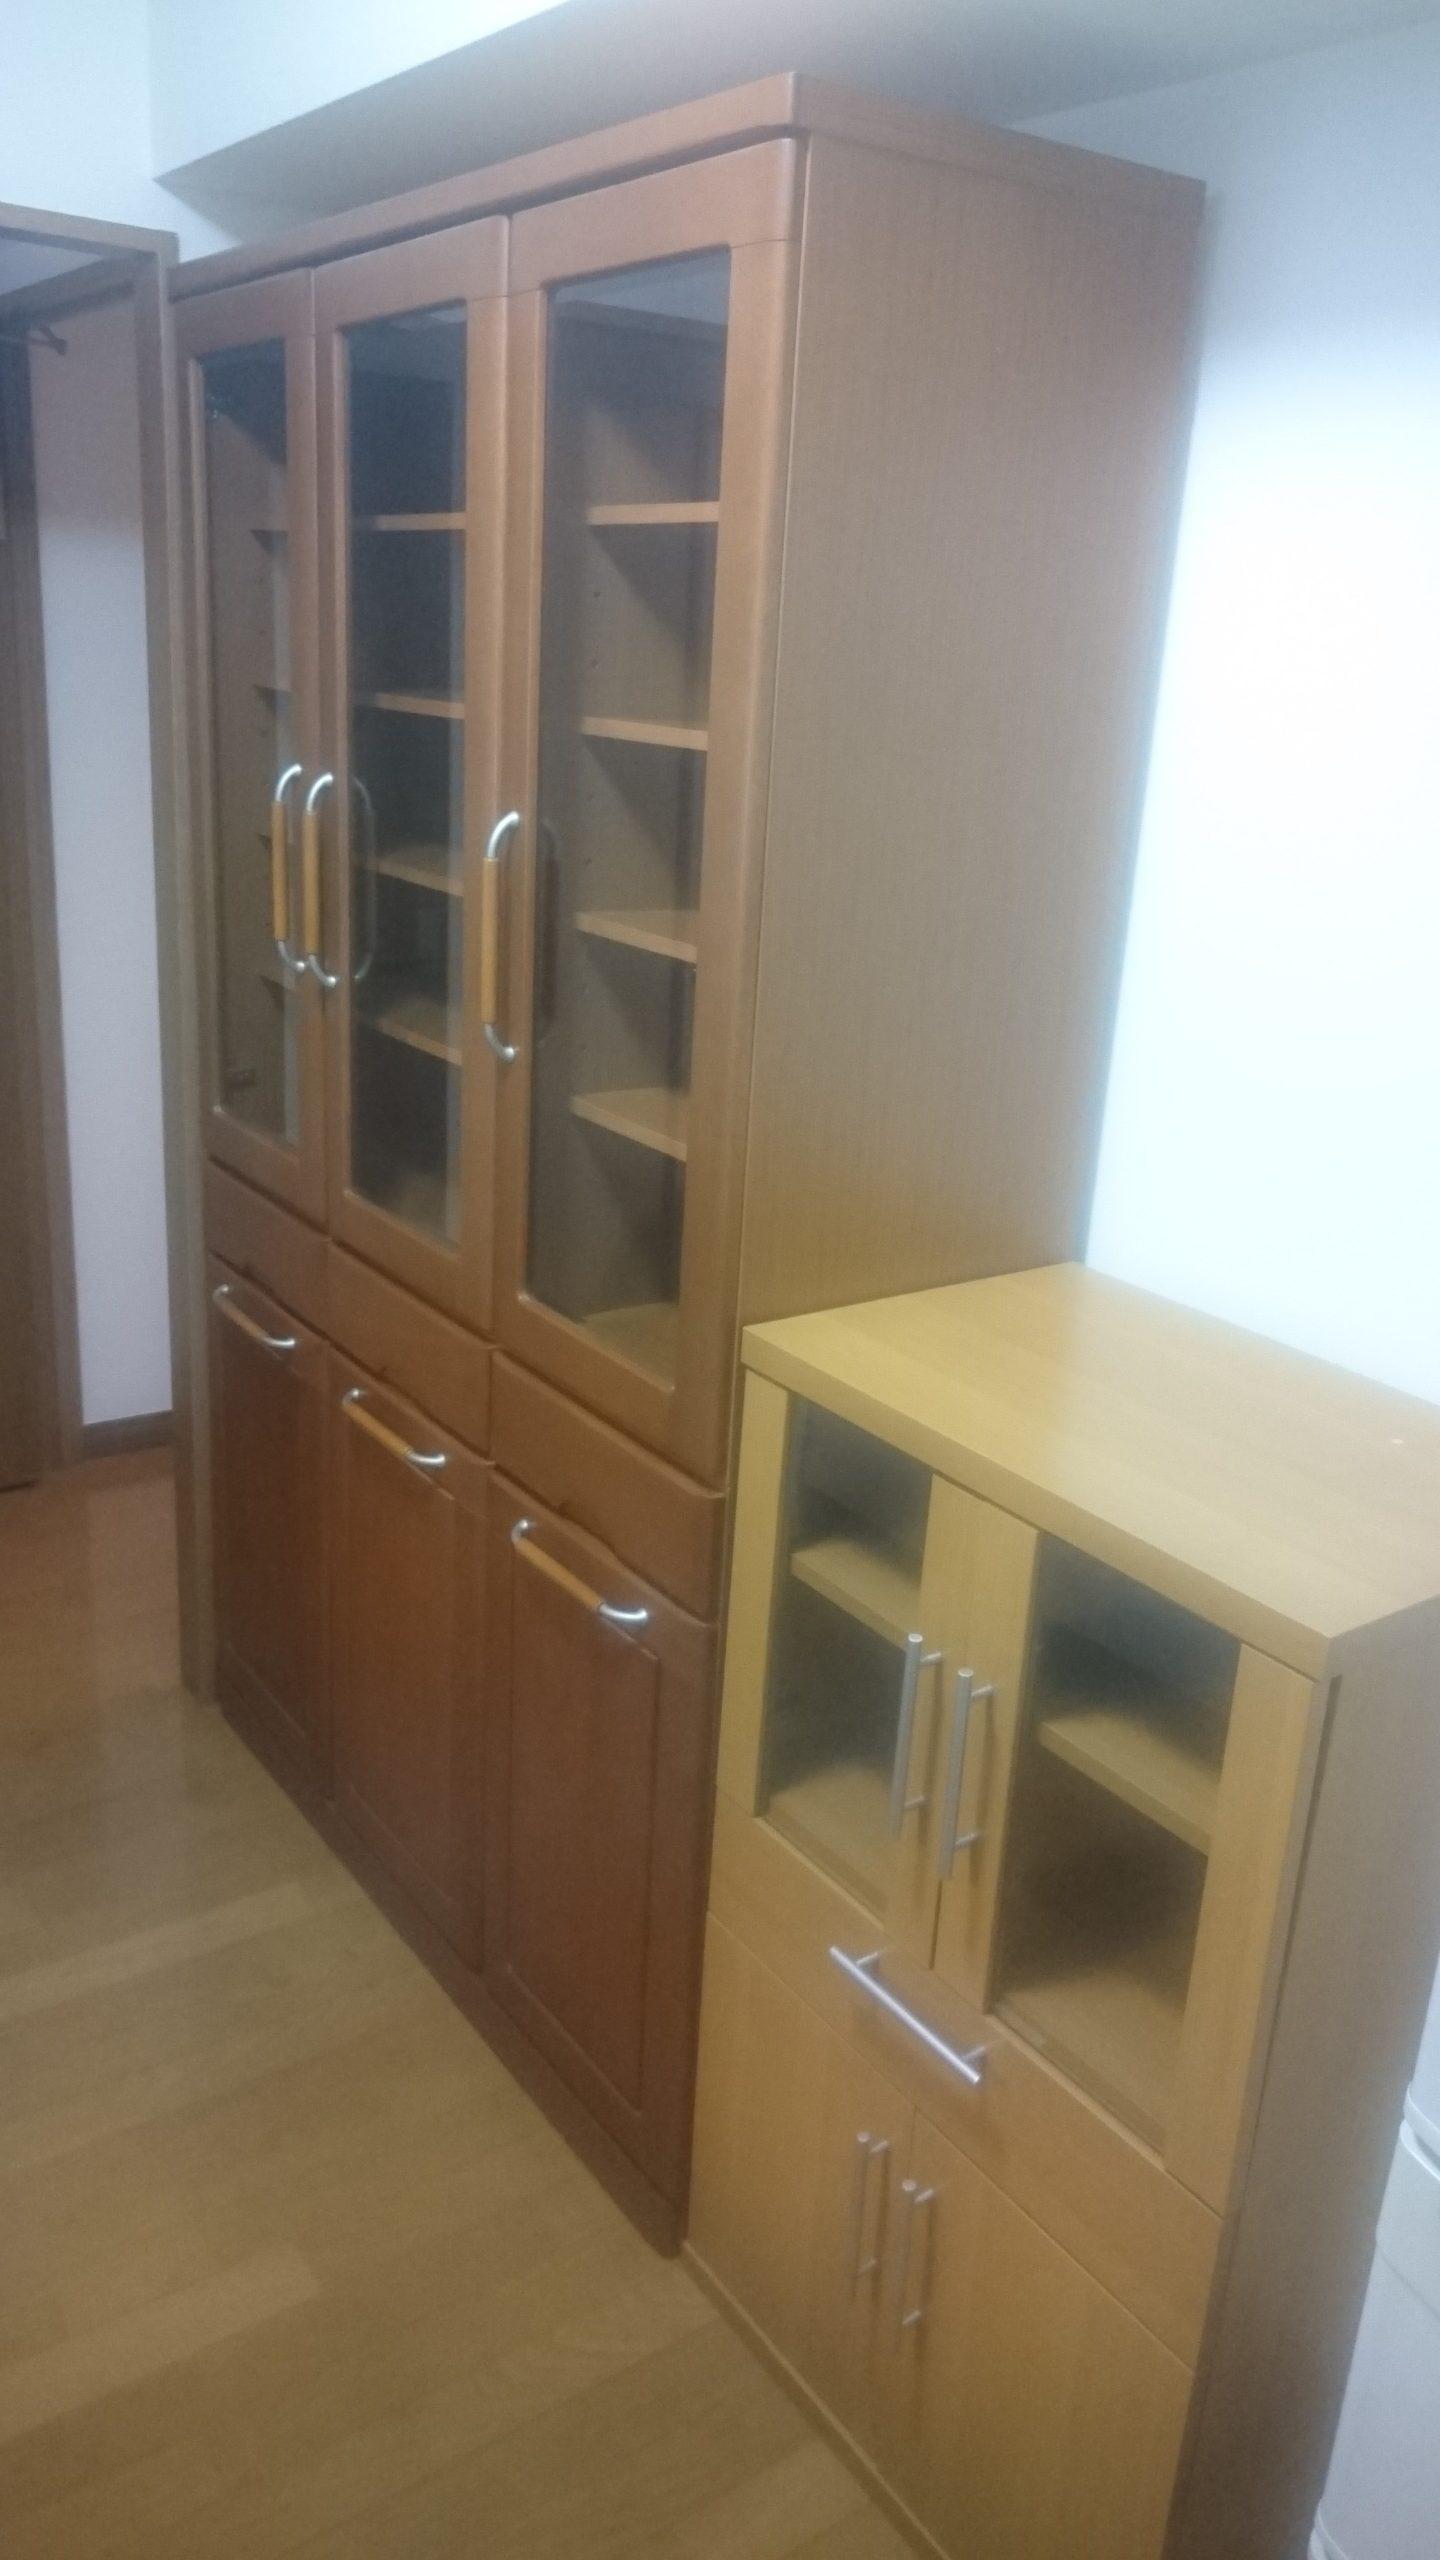 【愛知県名古屋市守山区】食器棚の出張回収